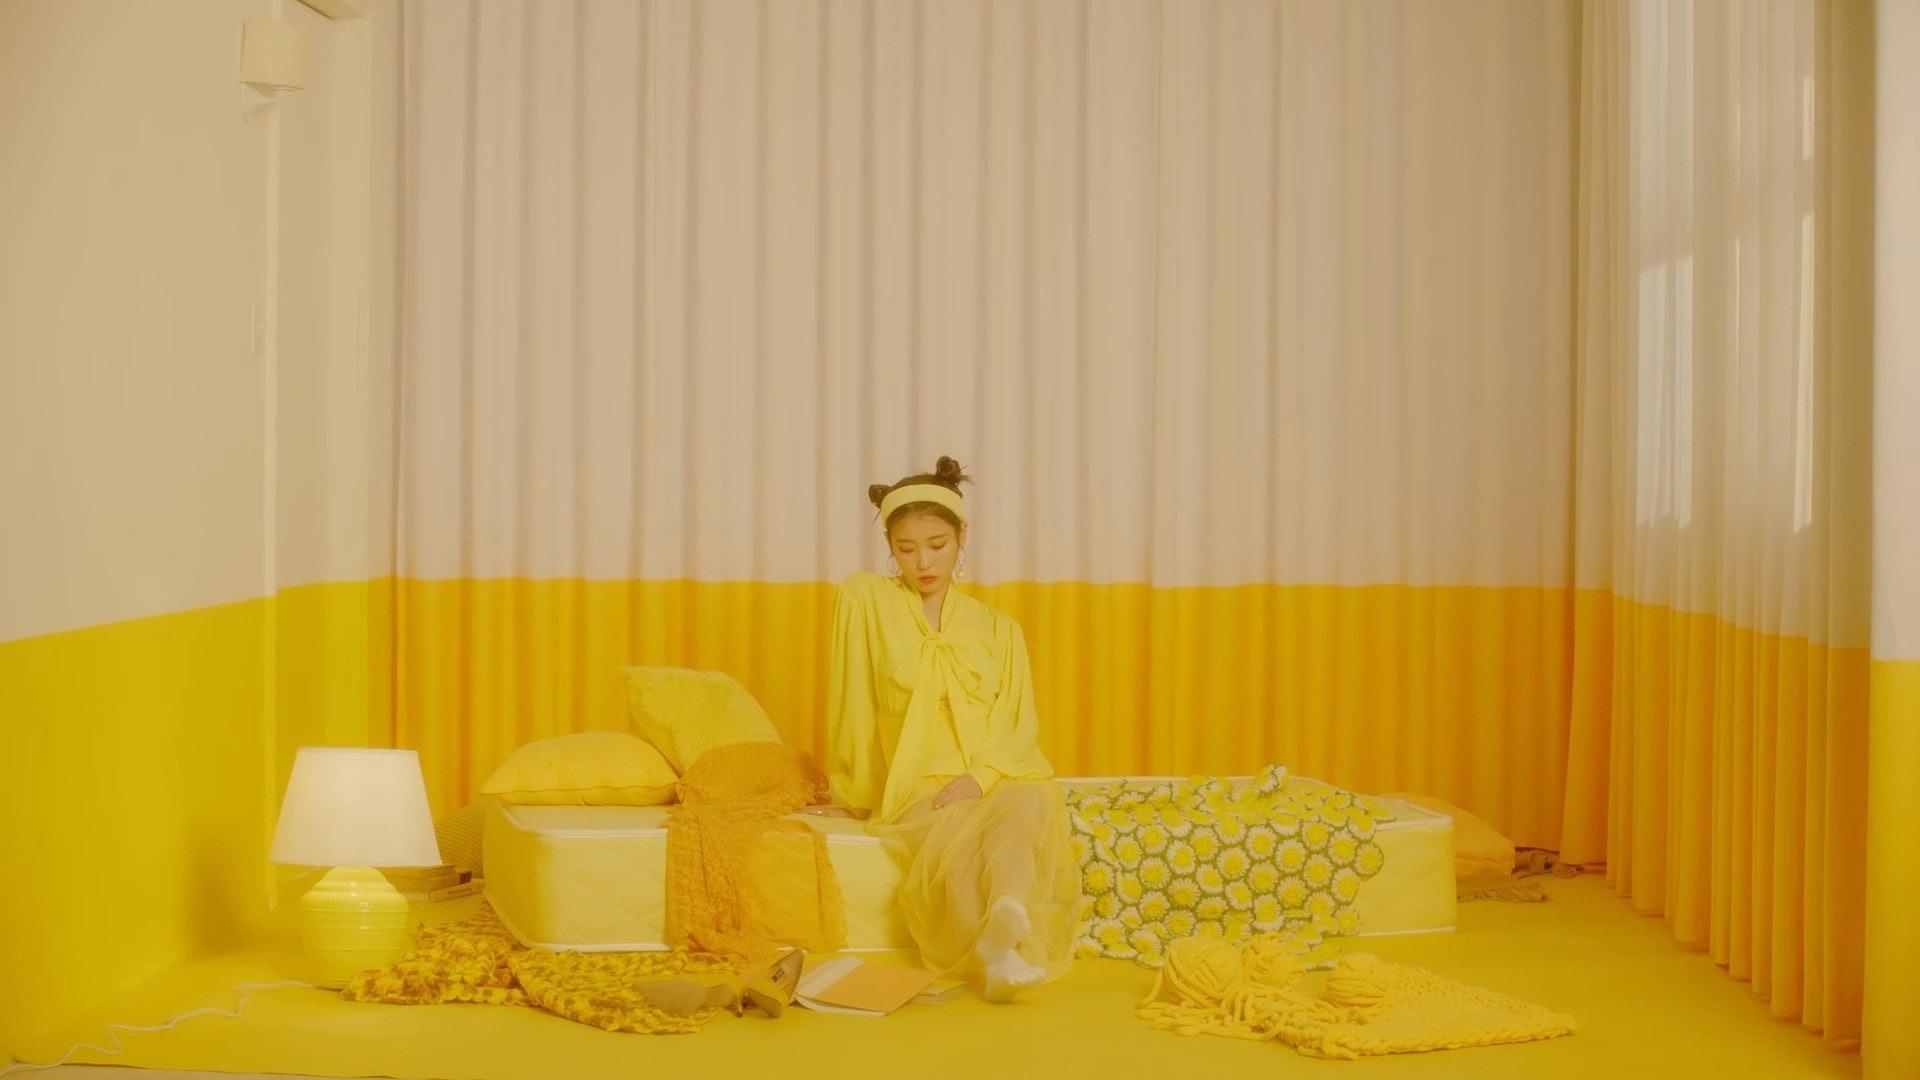 ca sĩ IU mặc đầm vàng trong MV BBIBBI